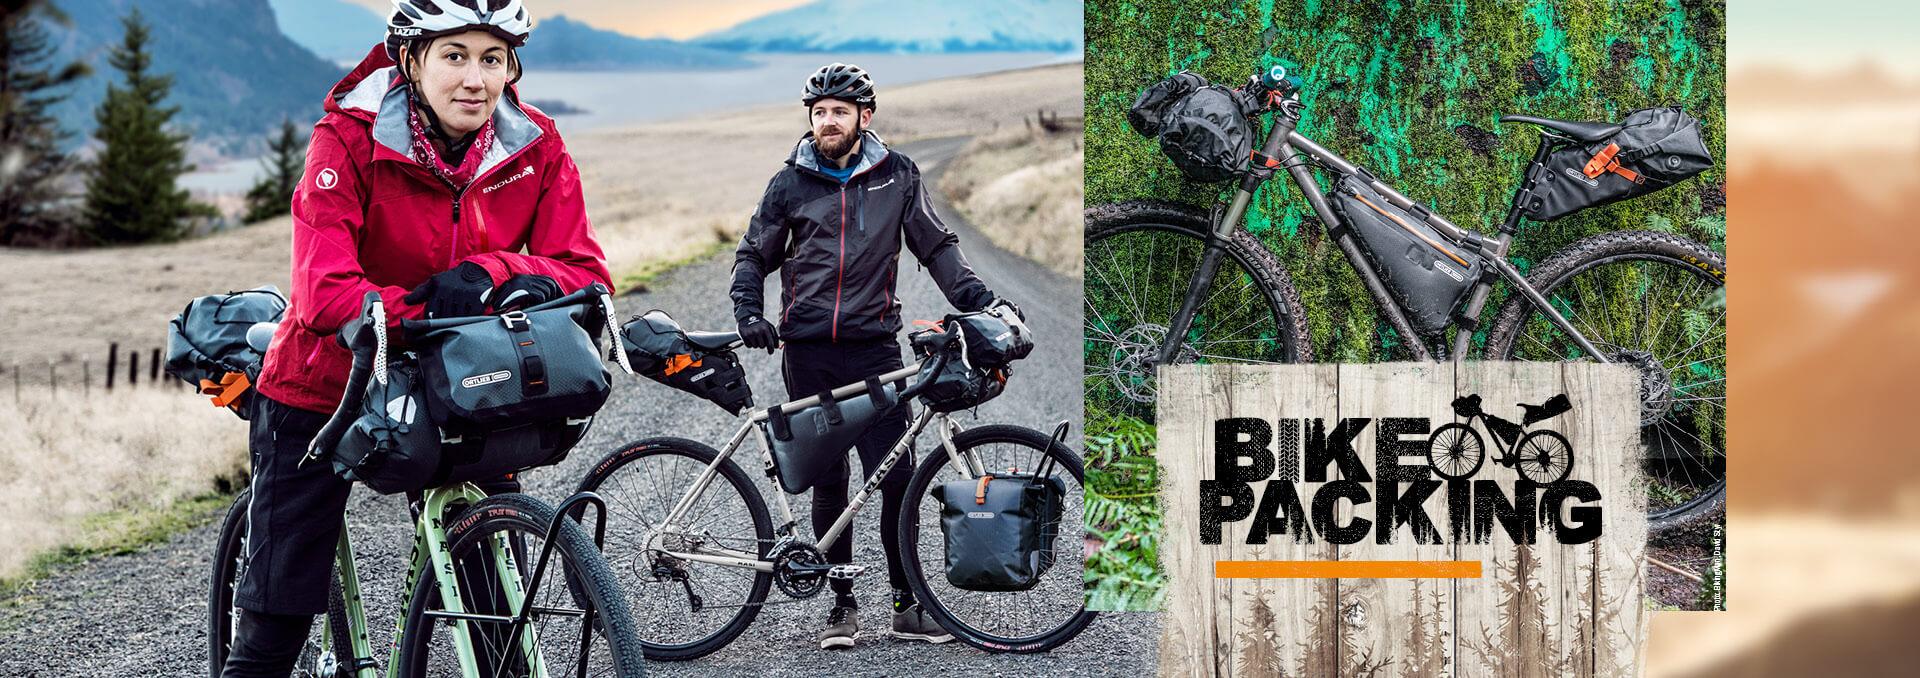 Bike Packing | Ortlieb USA